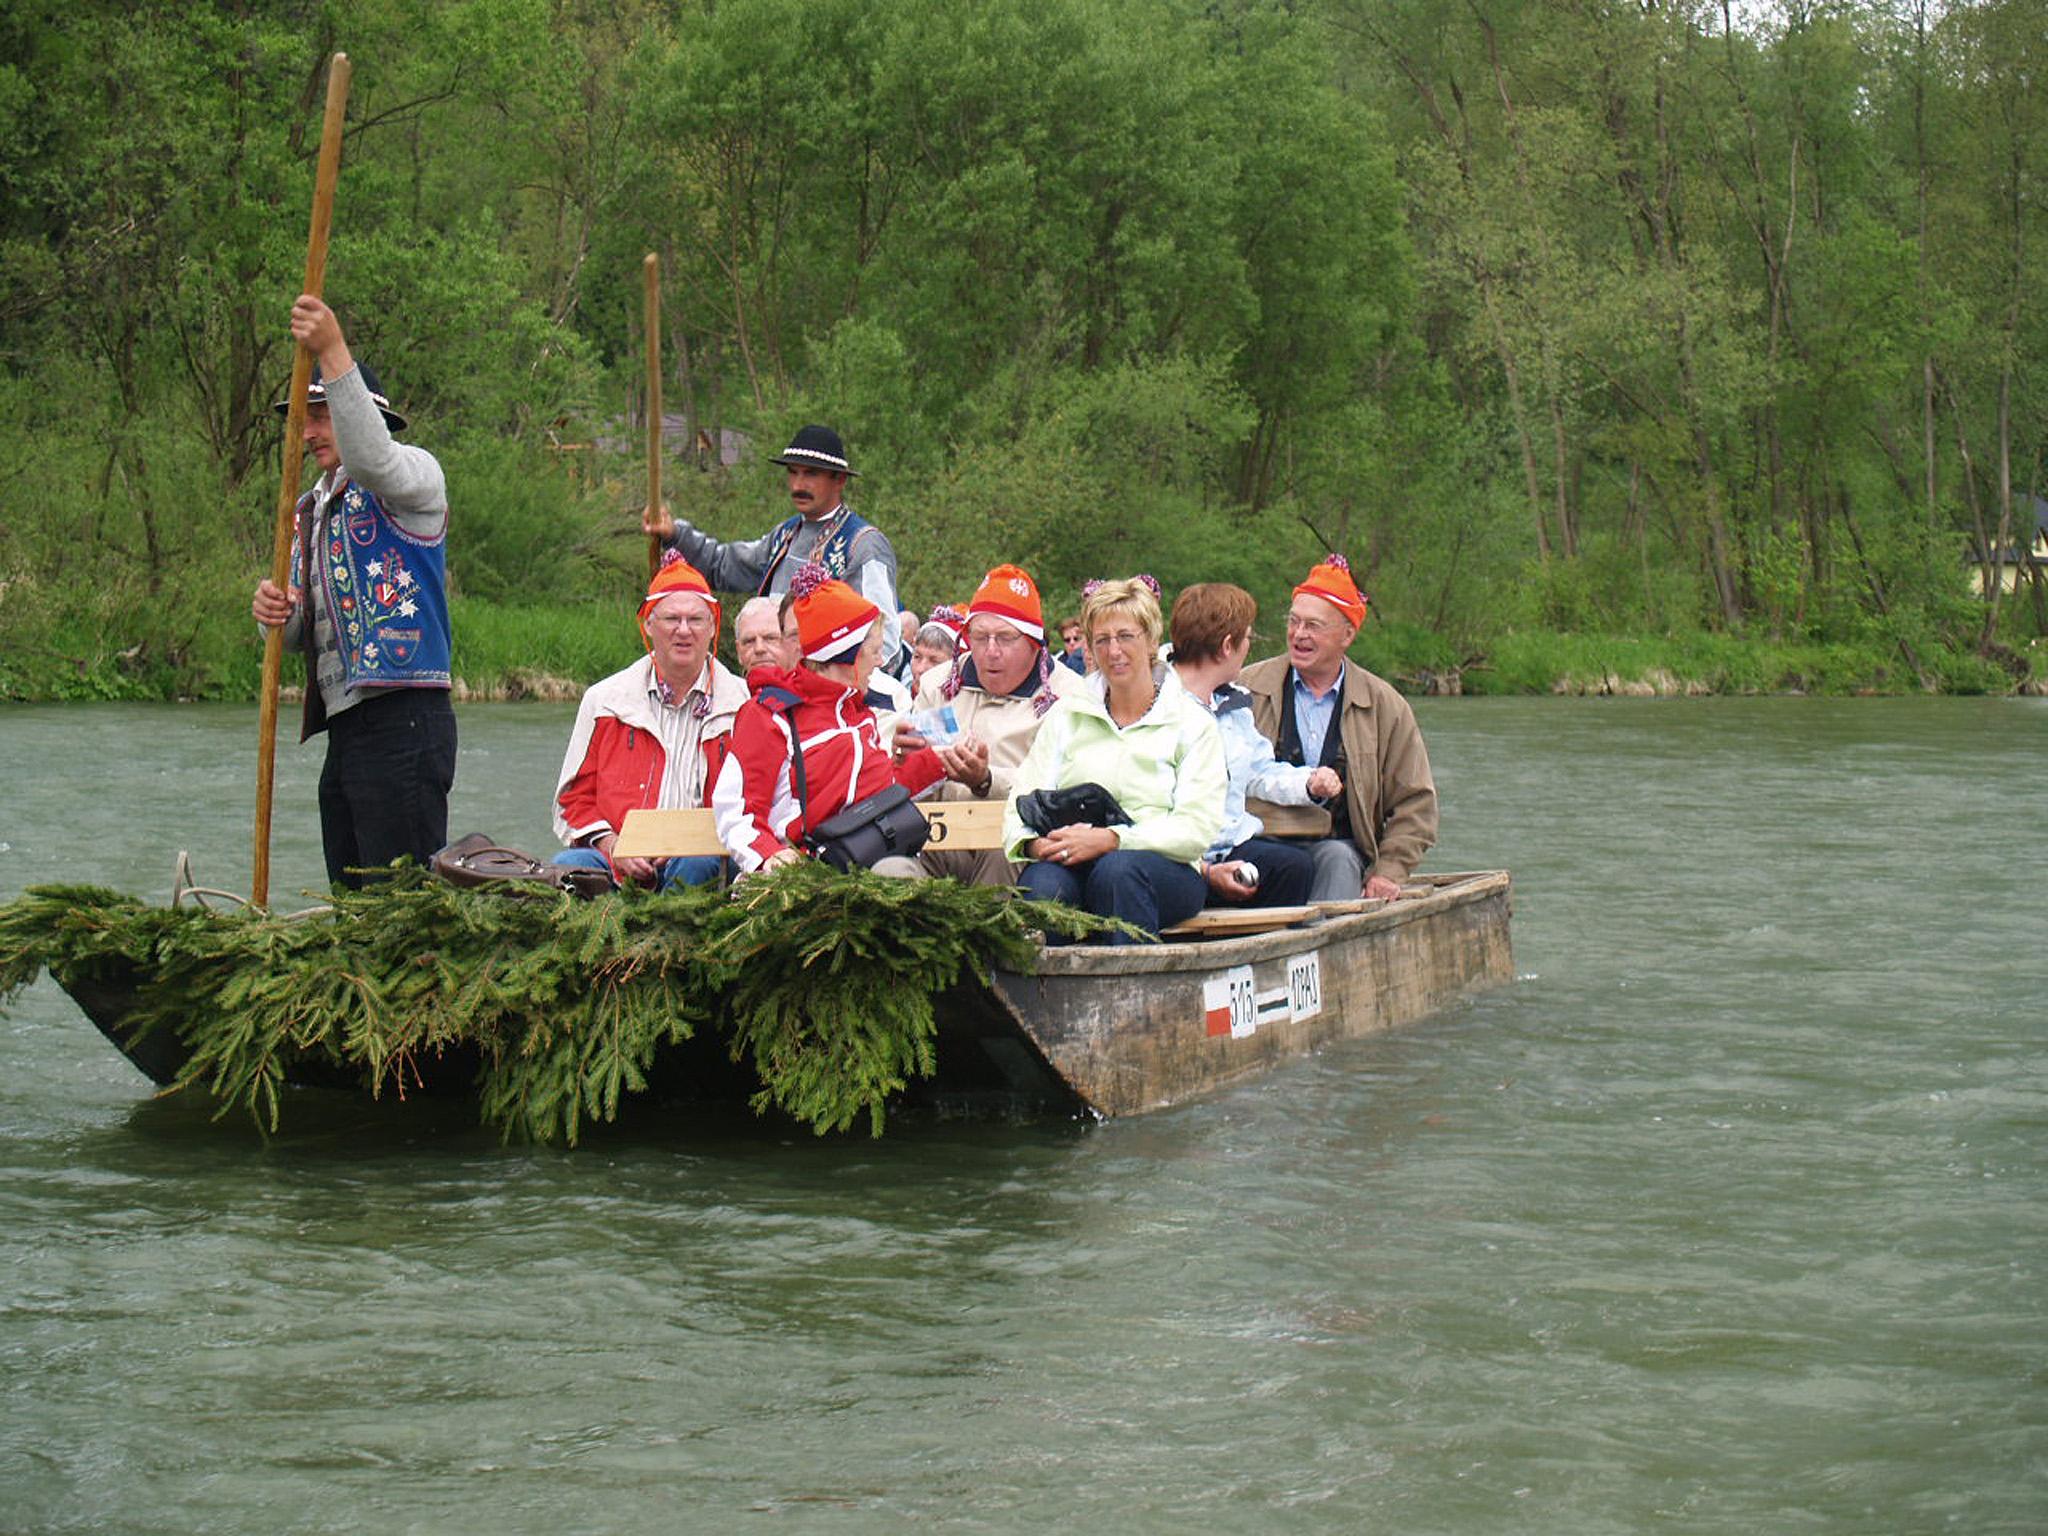 Vlotvaren Dunajec